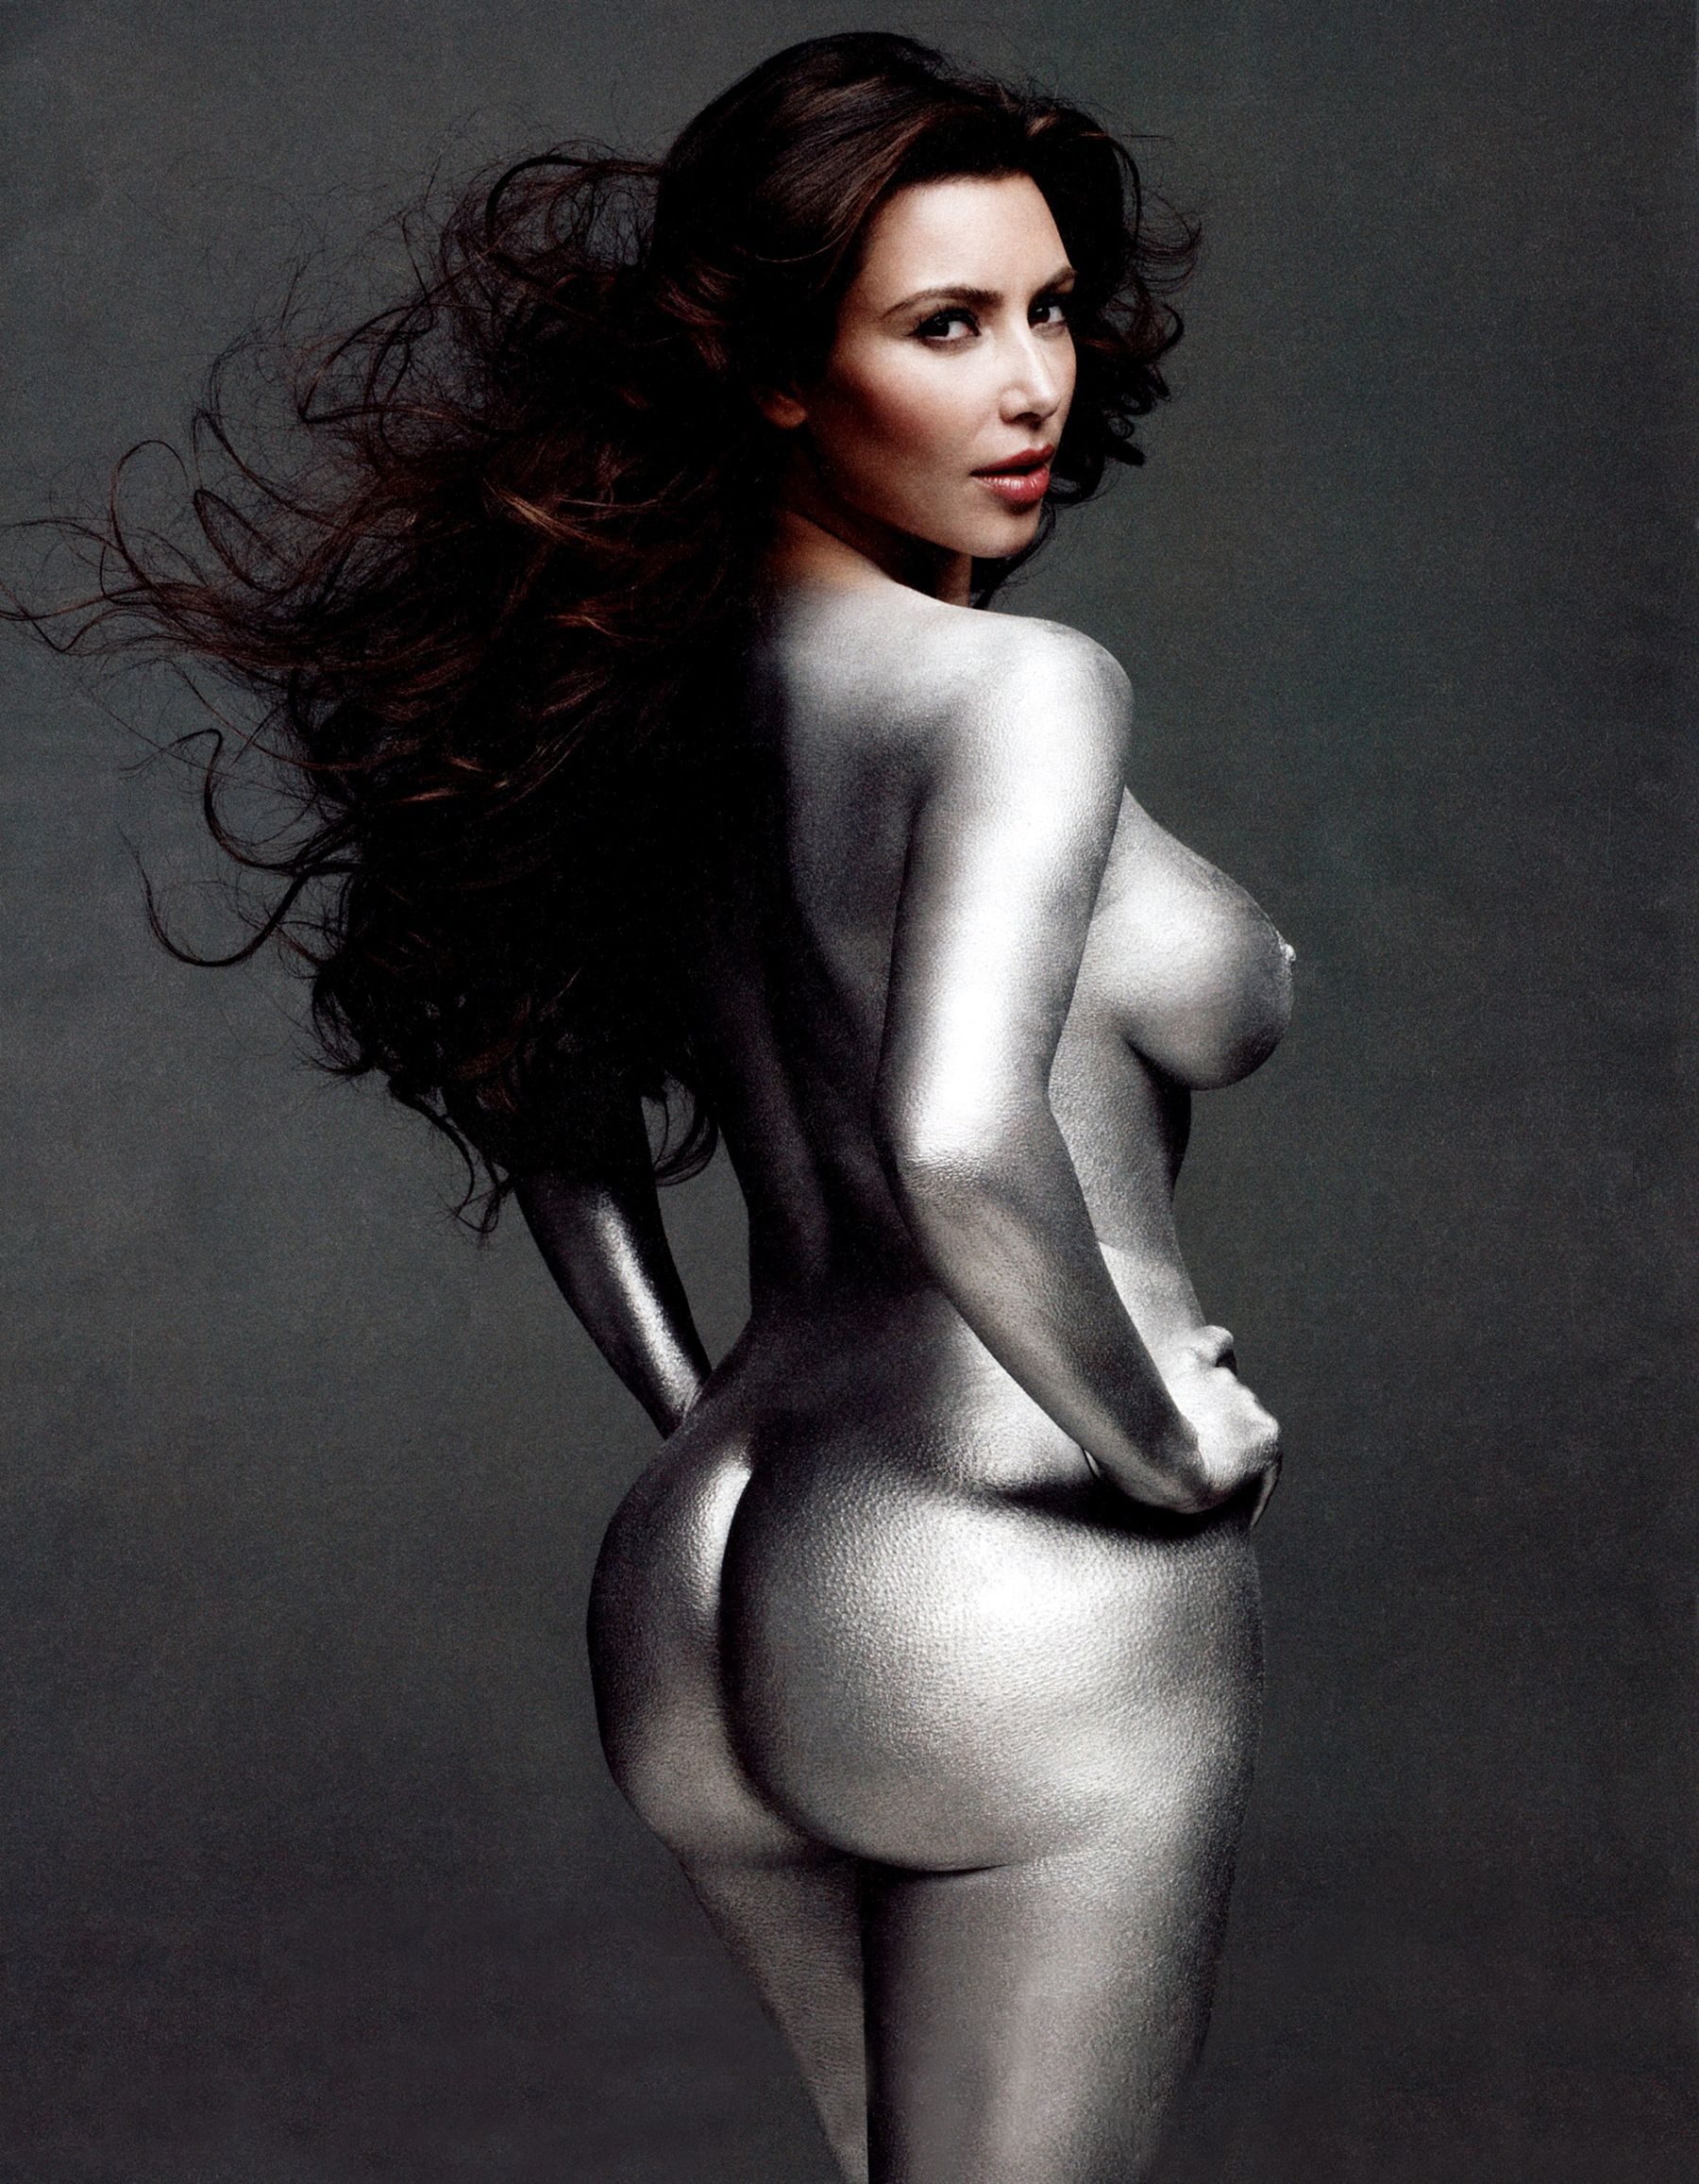 Carmen dominicci nude pics